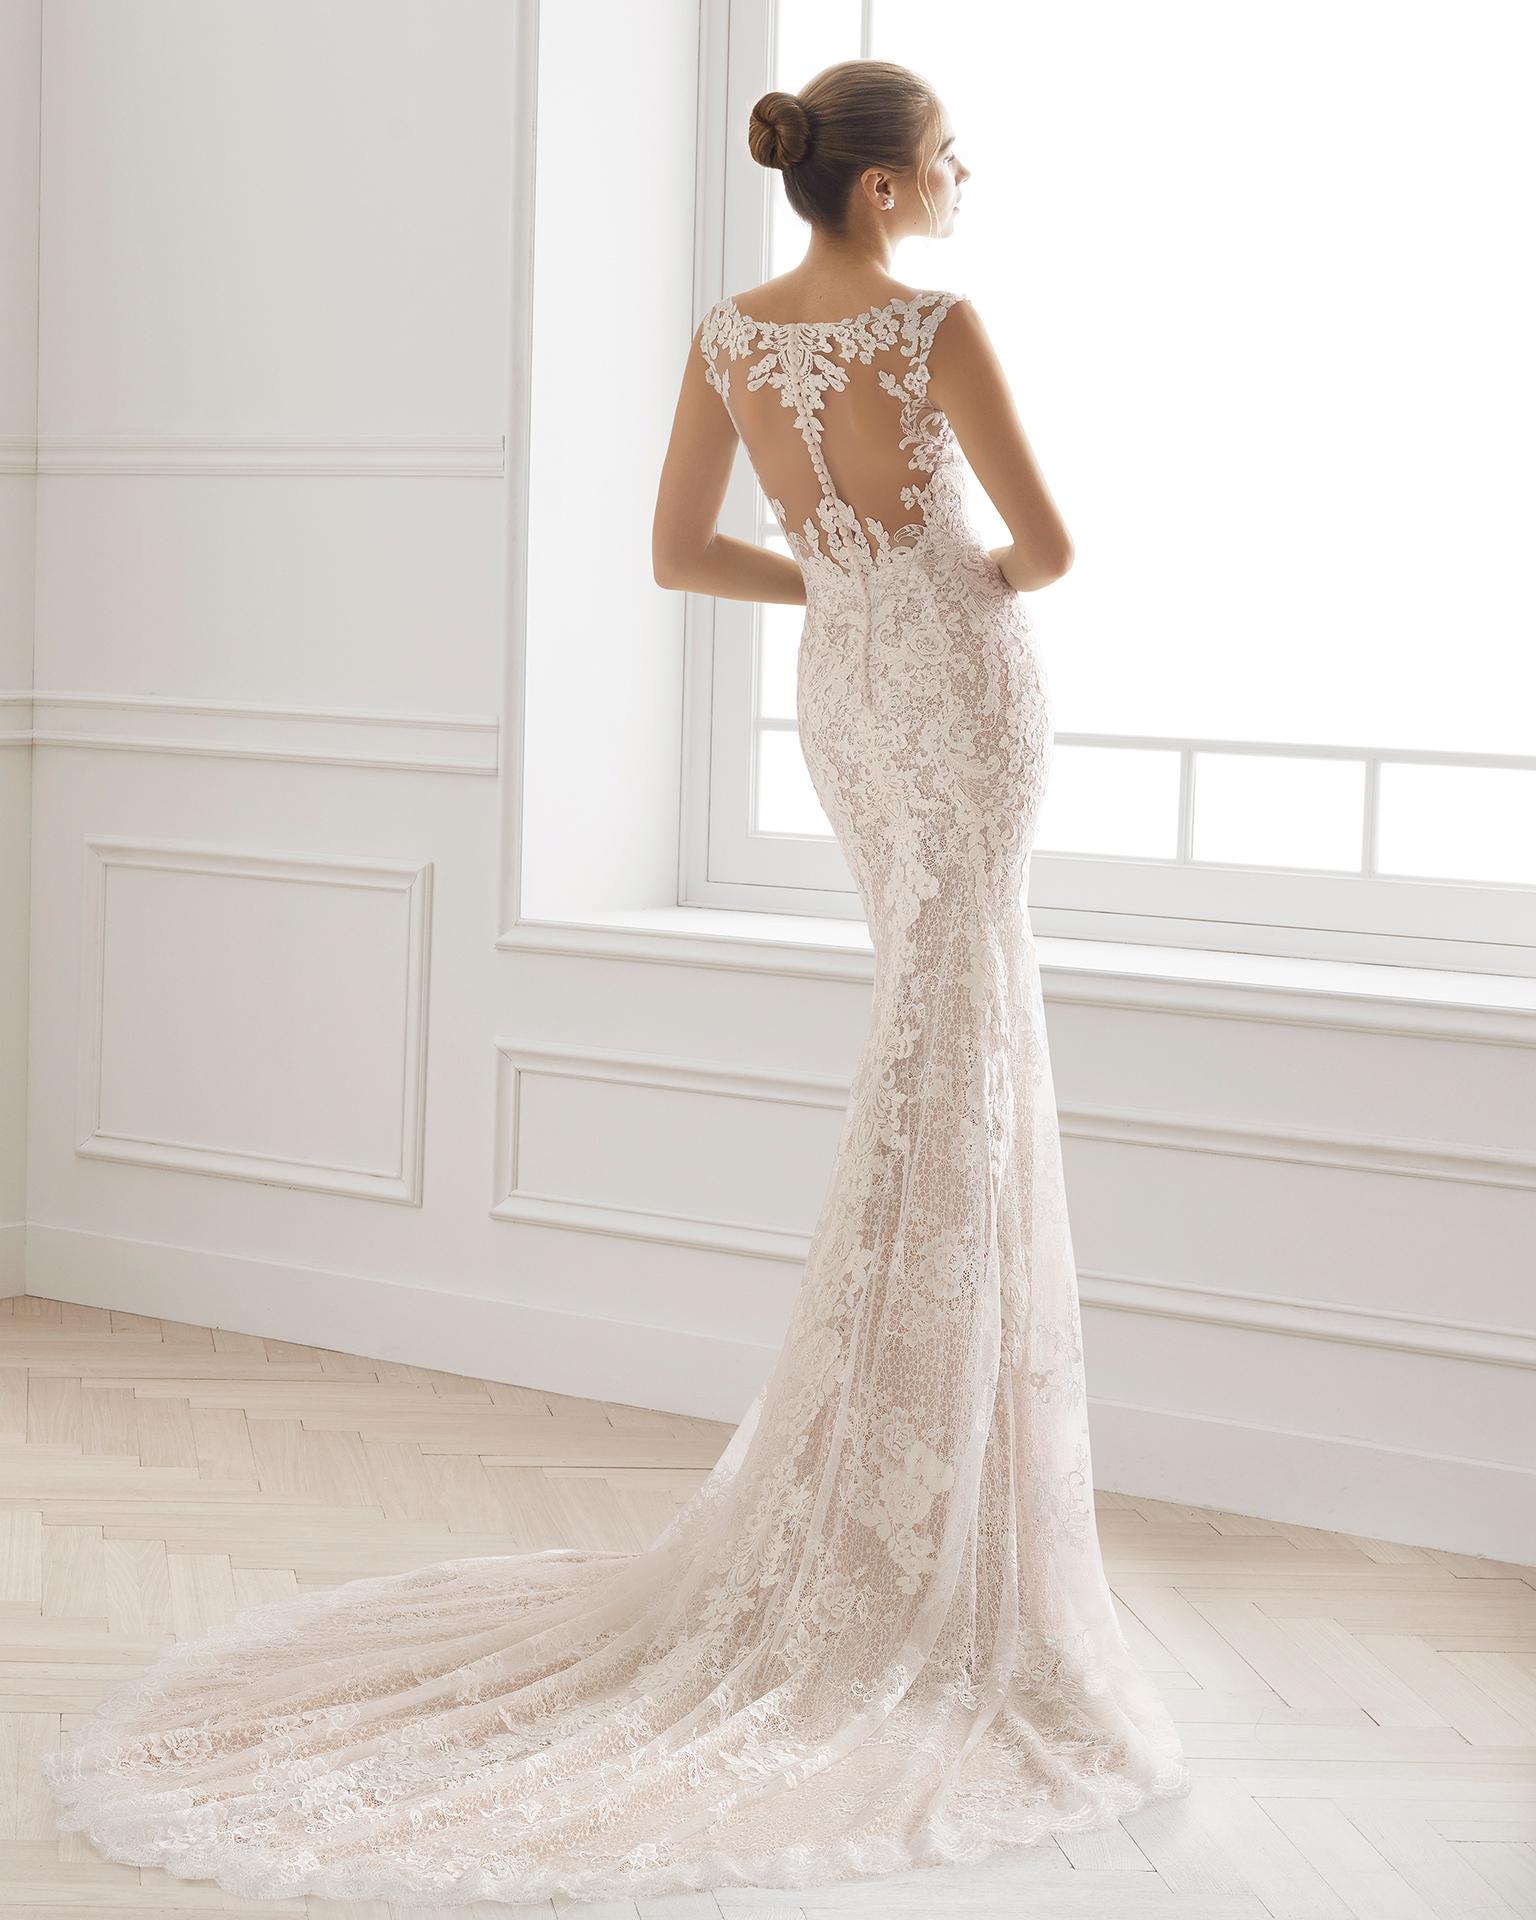 Robe de mariée style romantique en dentelle, col en V et dos effet tatouage avec dentelle, de couleur nude et naturelle.